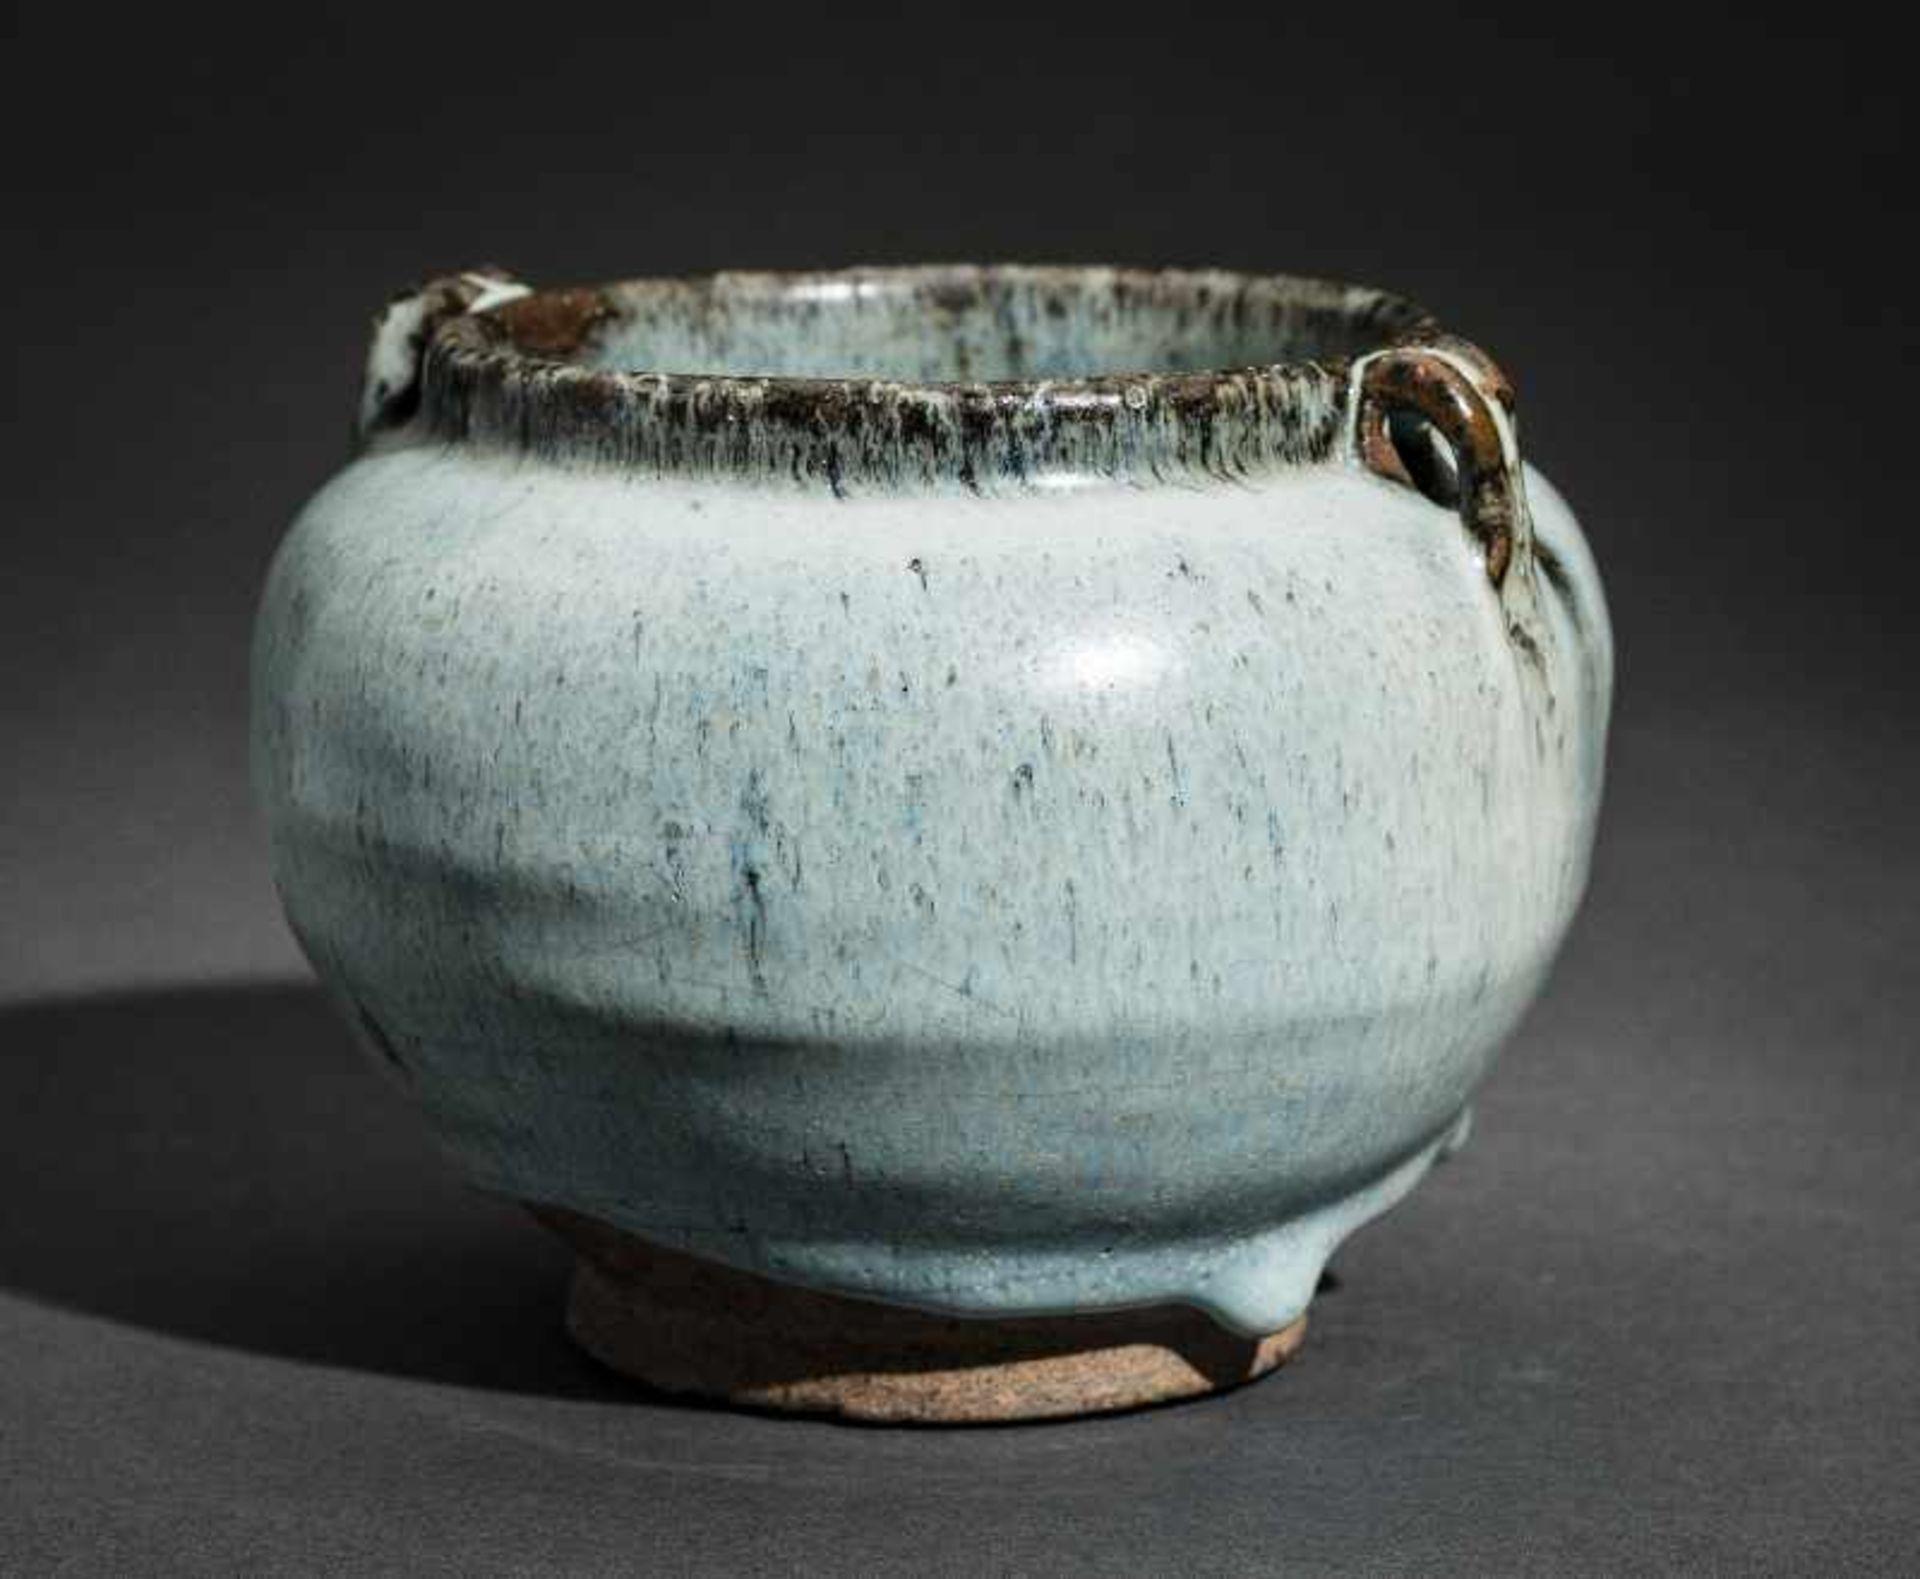 SCHULTERTOPF JUNYAO Glasierte Keramik. China, Yuan bis Ming, ca. 14. bis 15. Jh. Sehr - Image 3 of 8